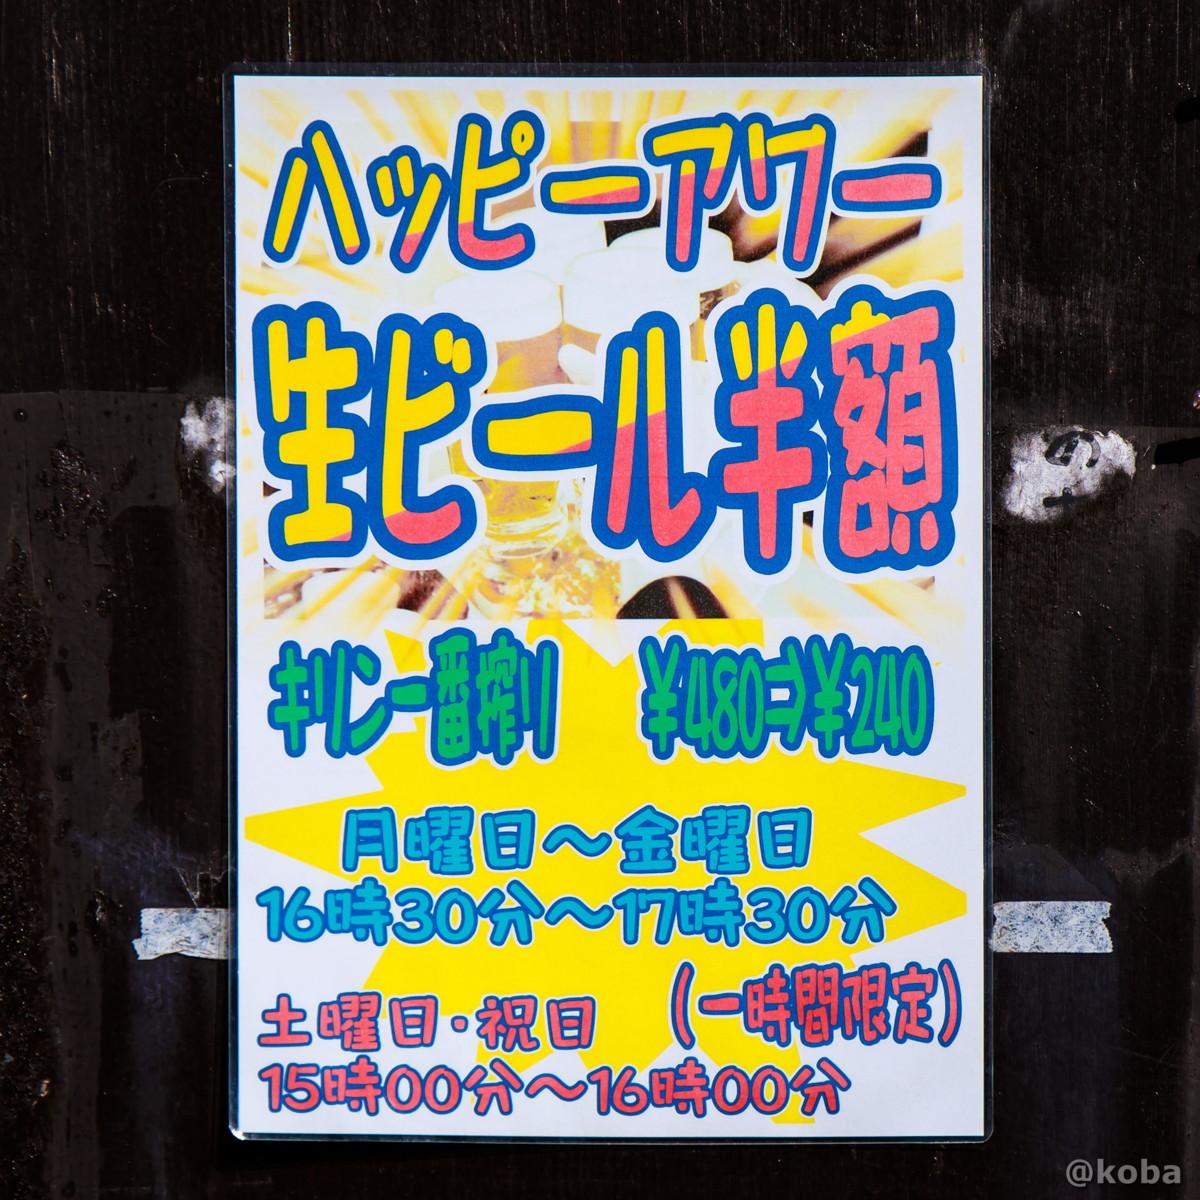 ハッピーアワー 生ビールが半額(1時間限定) 青砥 小江戸(こえど)